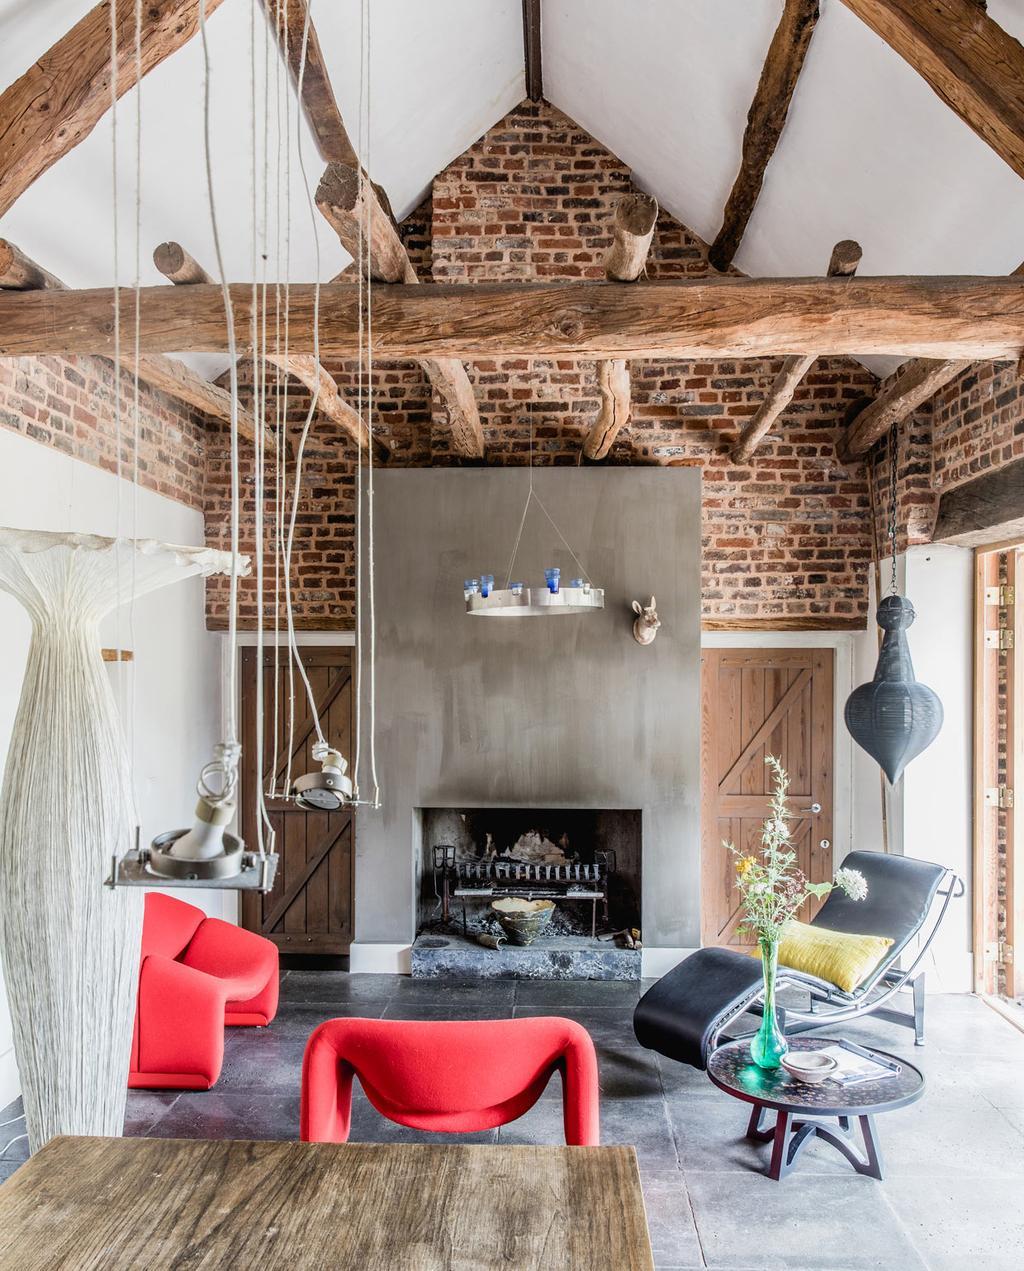 vtwonen 05-2021 | woonkamer met schuin dak en plafond met houten balken en rode fauteuils